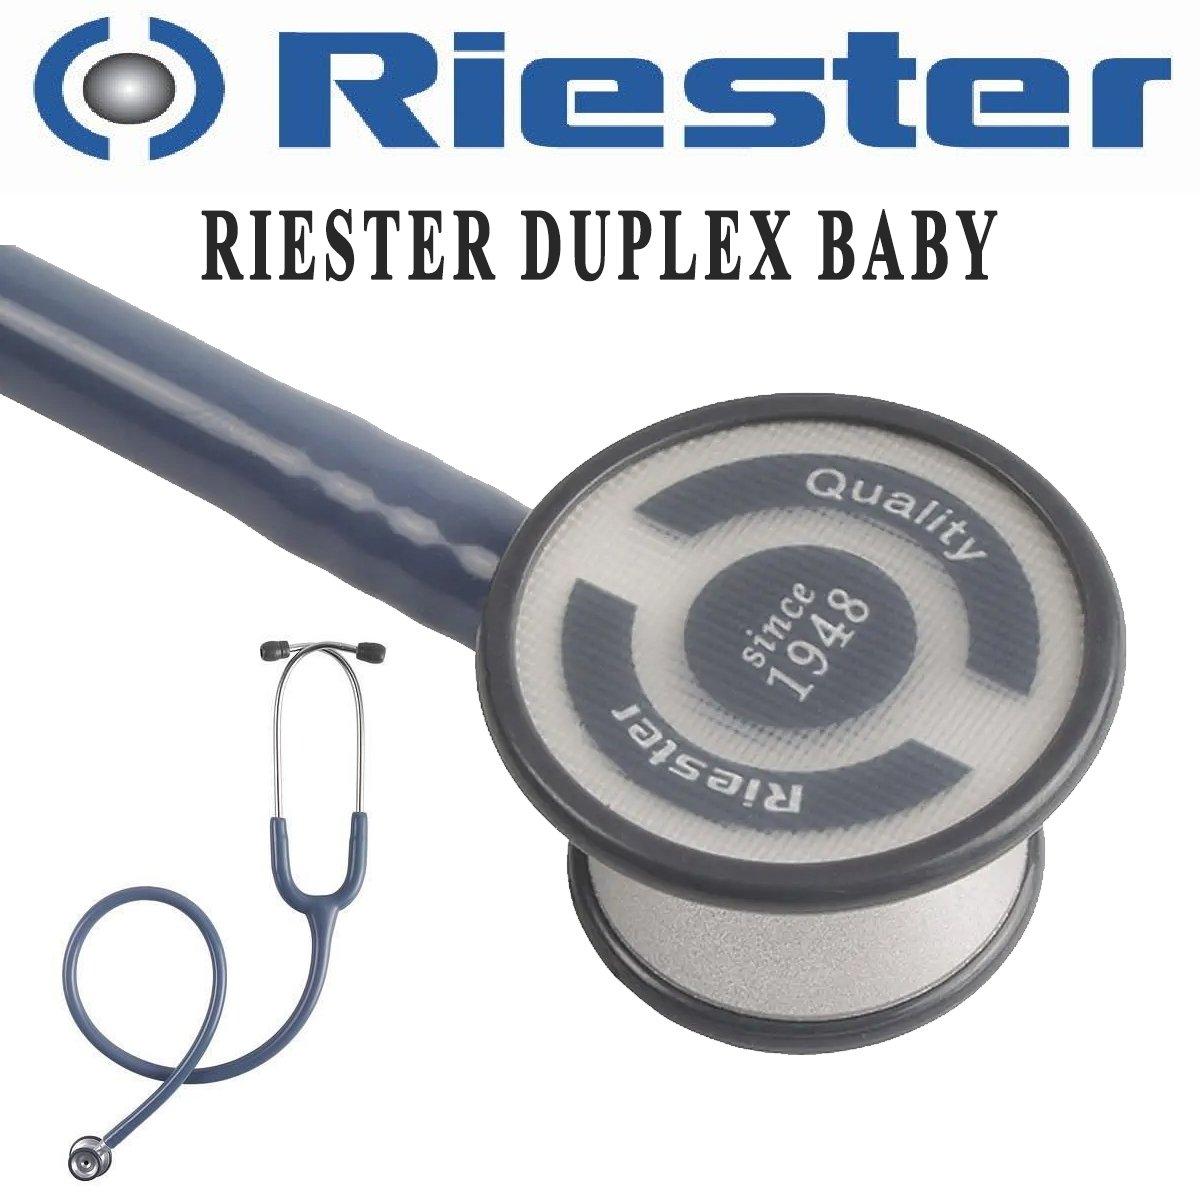 RIESTER DUPLEX BABY